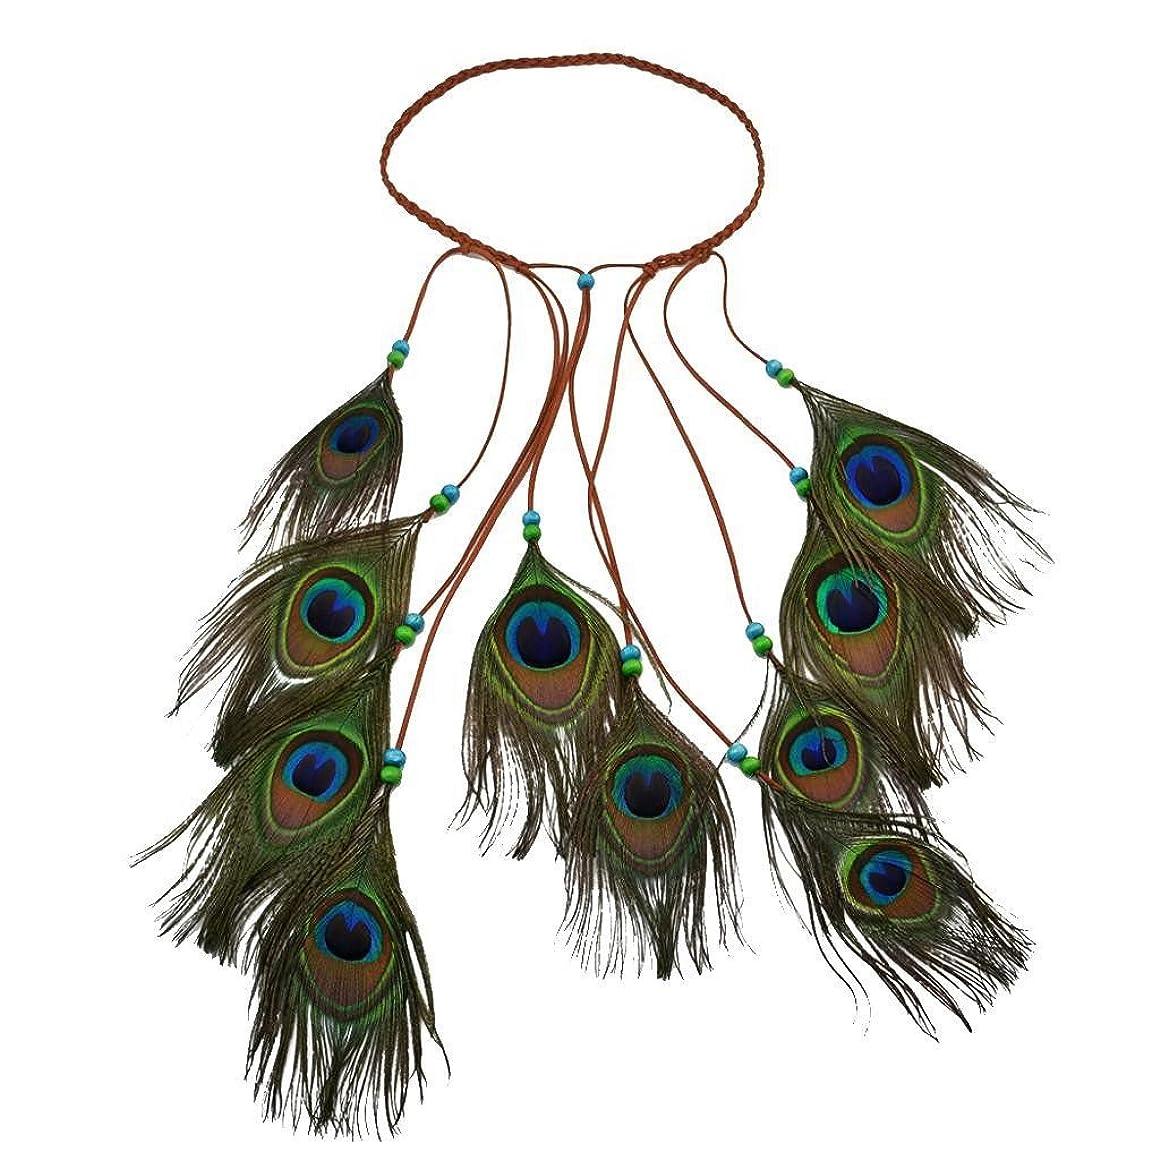 説明放課後重要ACAMPTAR 女性用民族風インディアンボヘミアンスタイルのヘアバンド、髪飾りアクセサリー